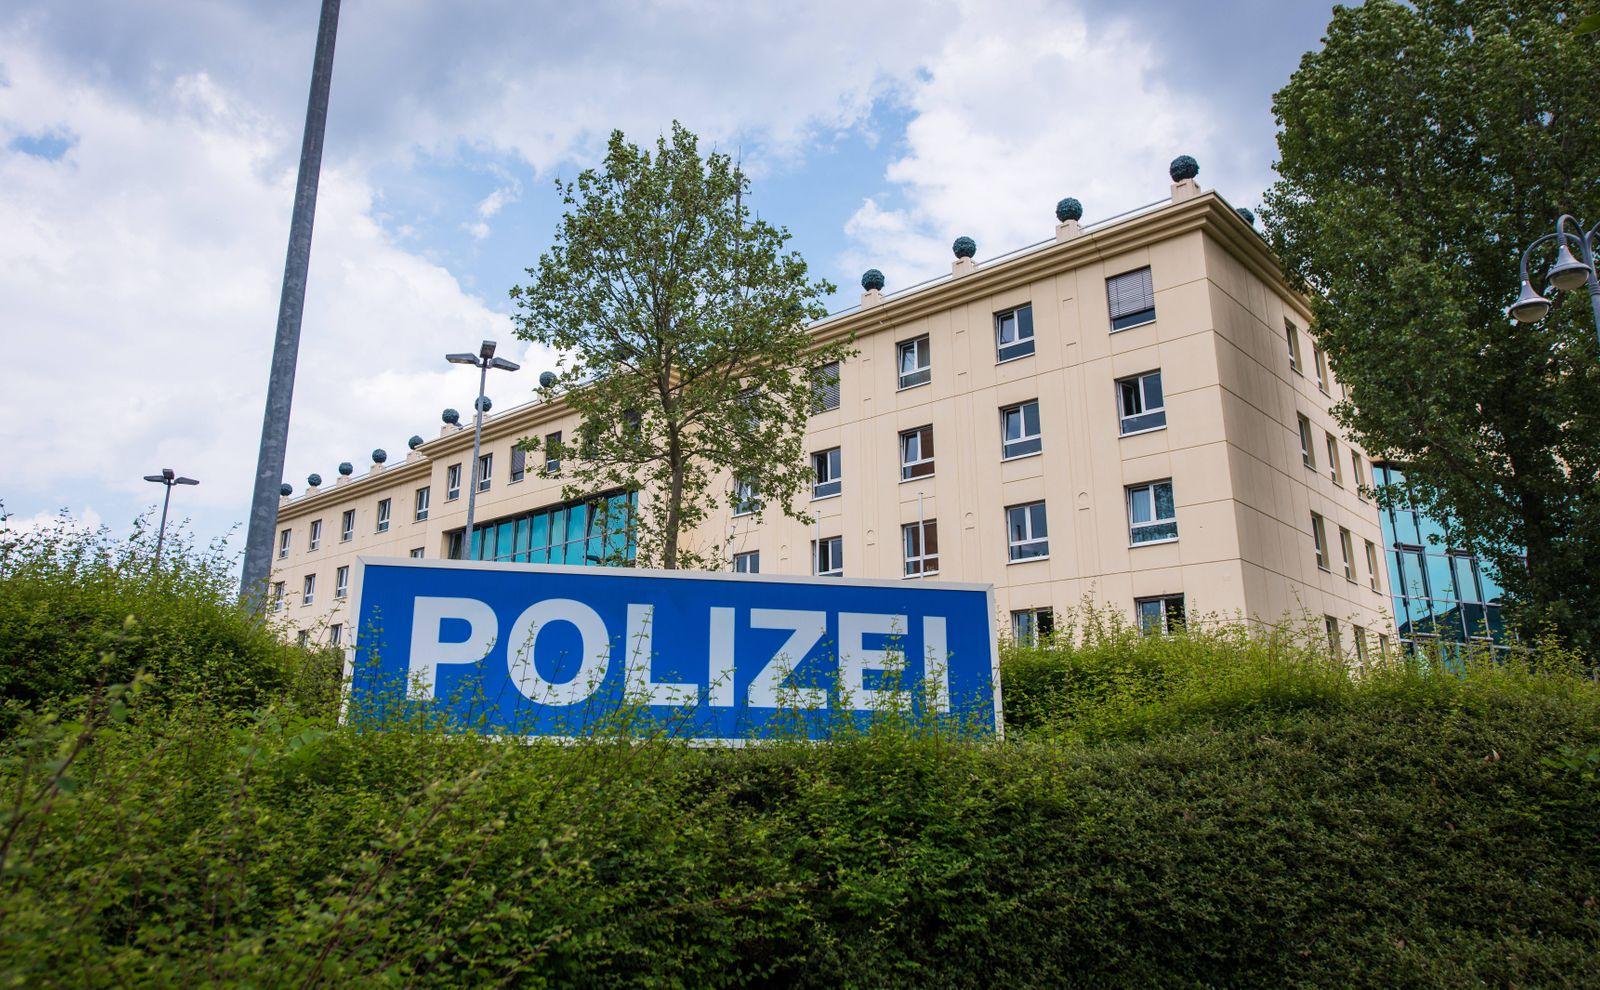 Gotha 300517 Polizei Gotha stellt Ermittlungserfolg zu Drogen und Diebesgutfund am 23 05 2017 i